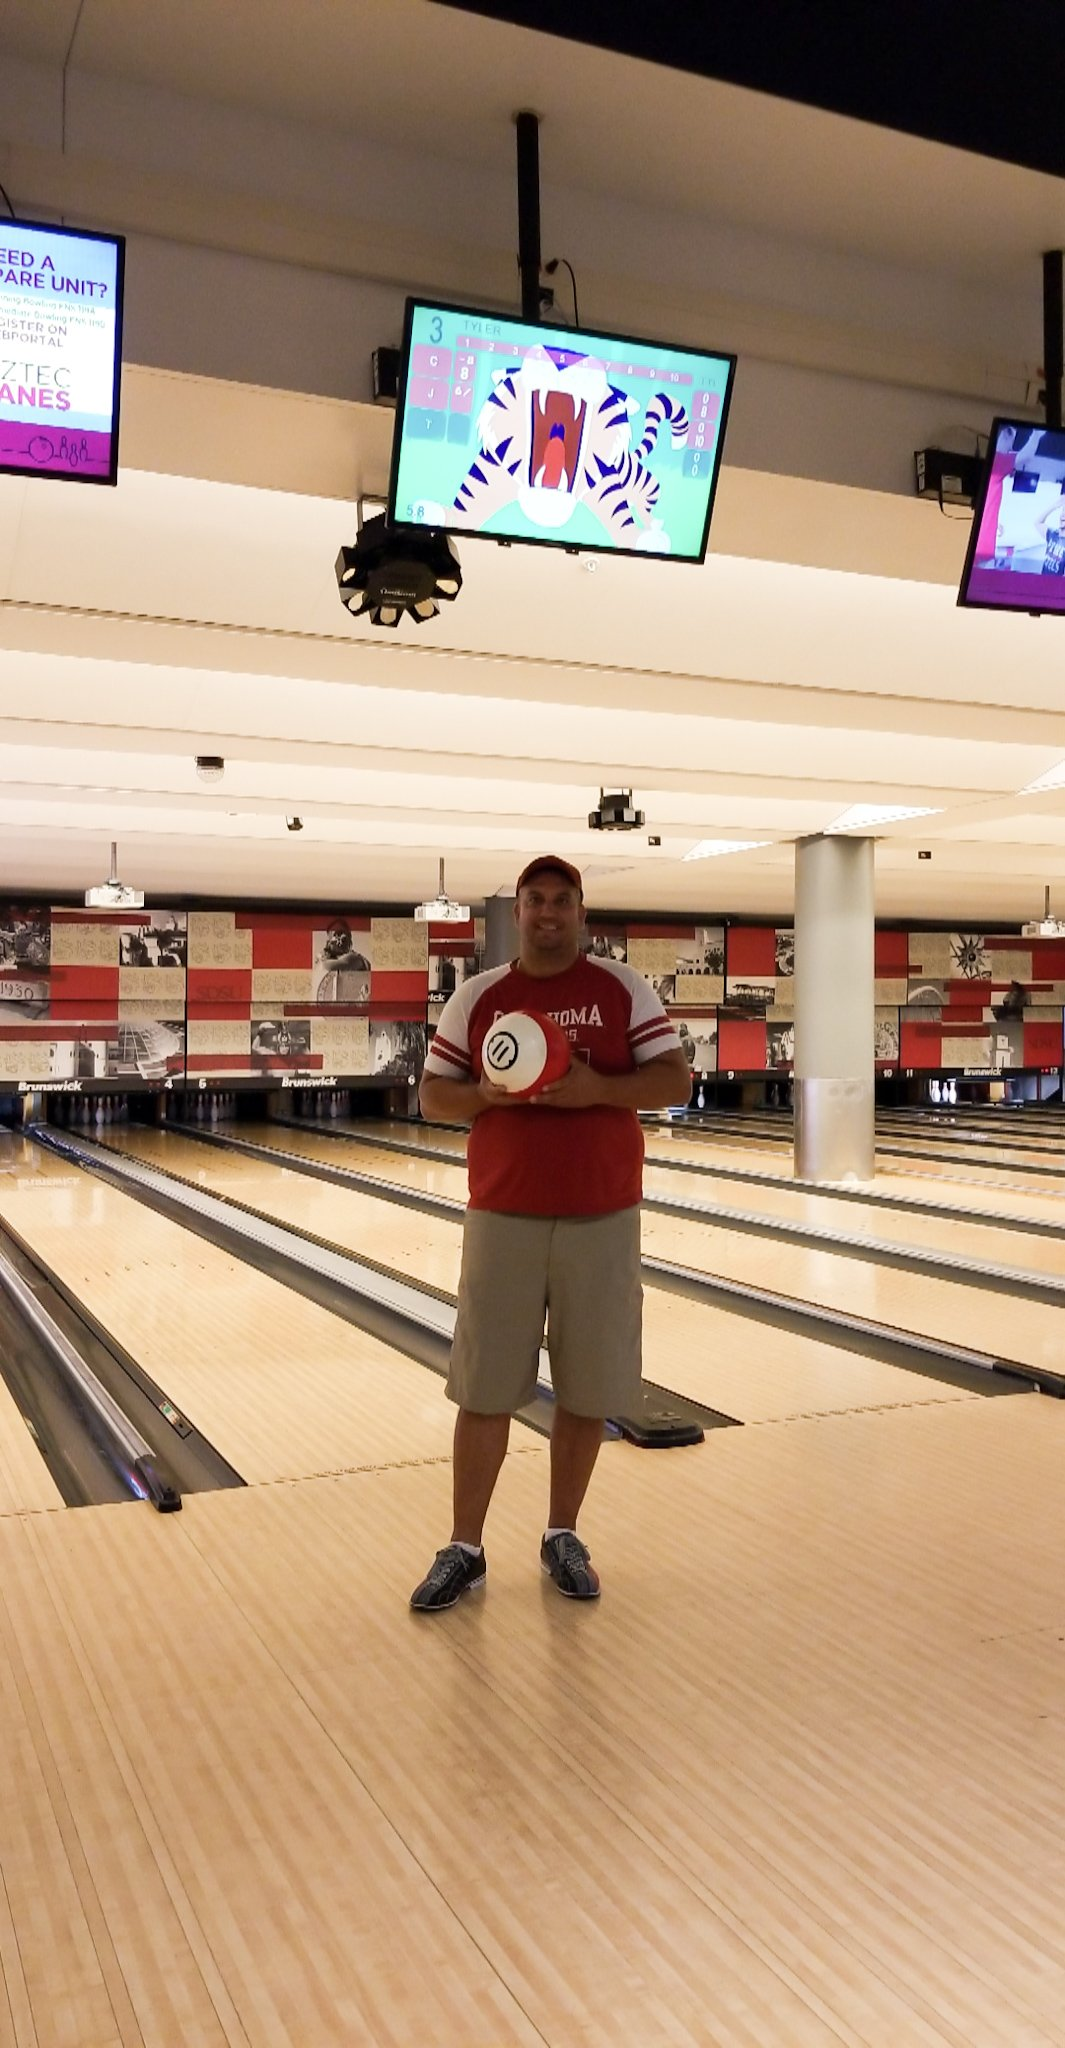 Kids Bowl Free - SDSU - www.spousesproutsme.com